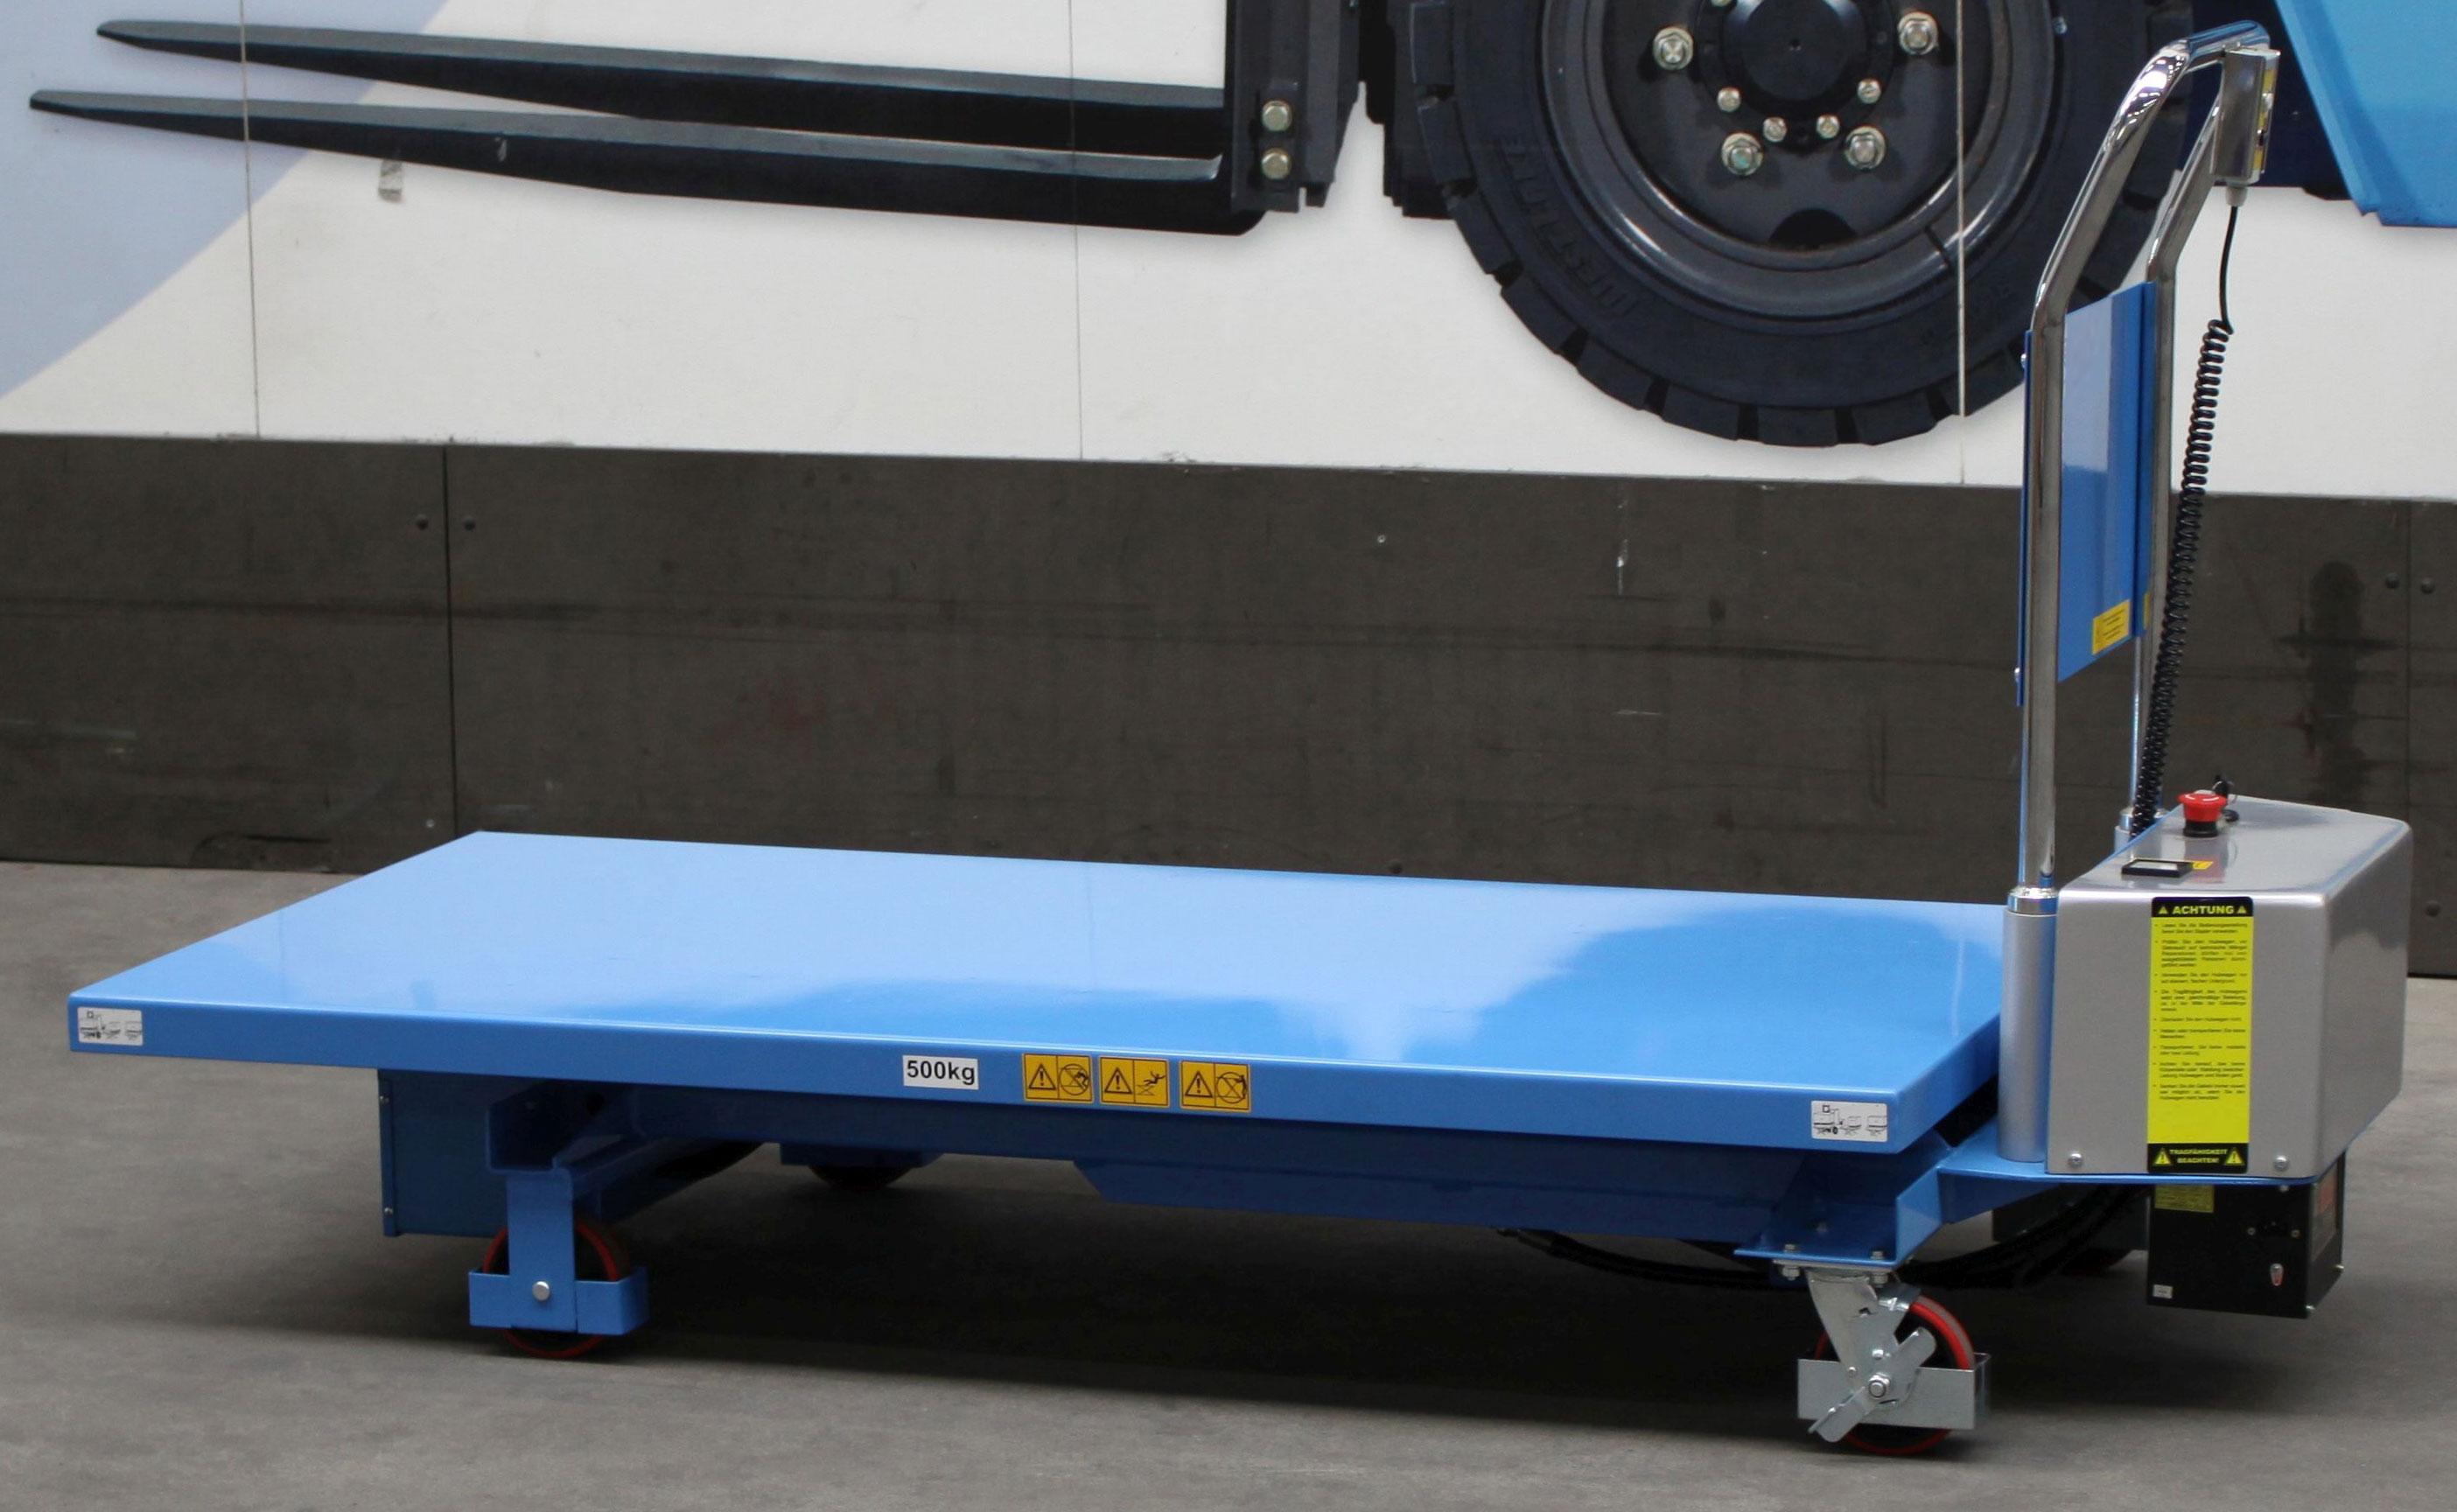 Scherenhubtisch 500 kg Tragkraft mit elektrischem Hub (Akku), hier abgelassen